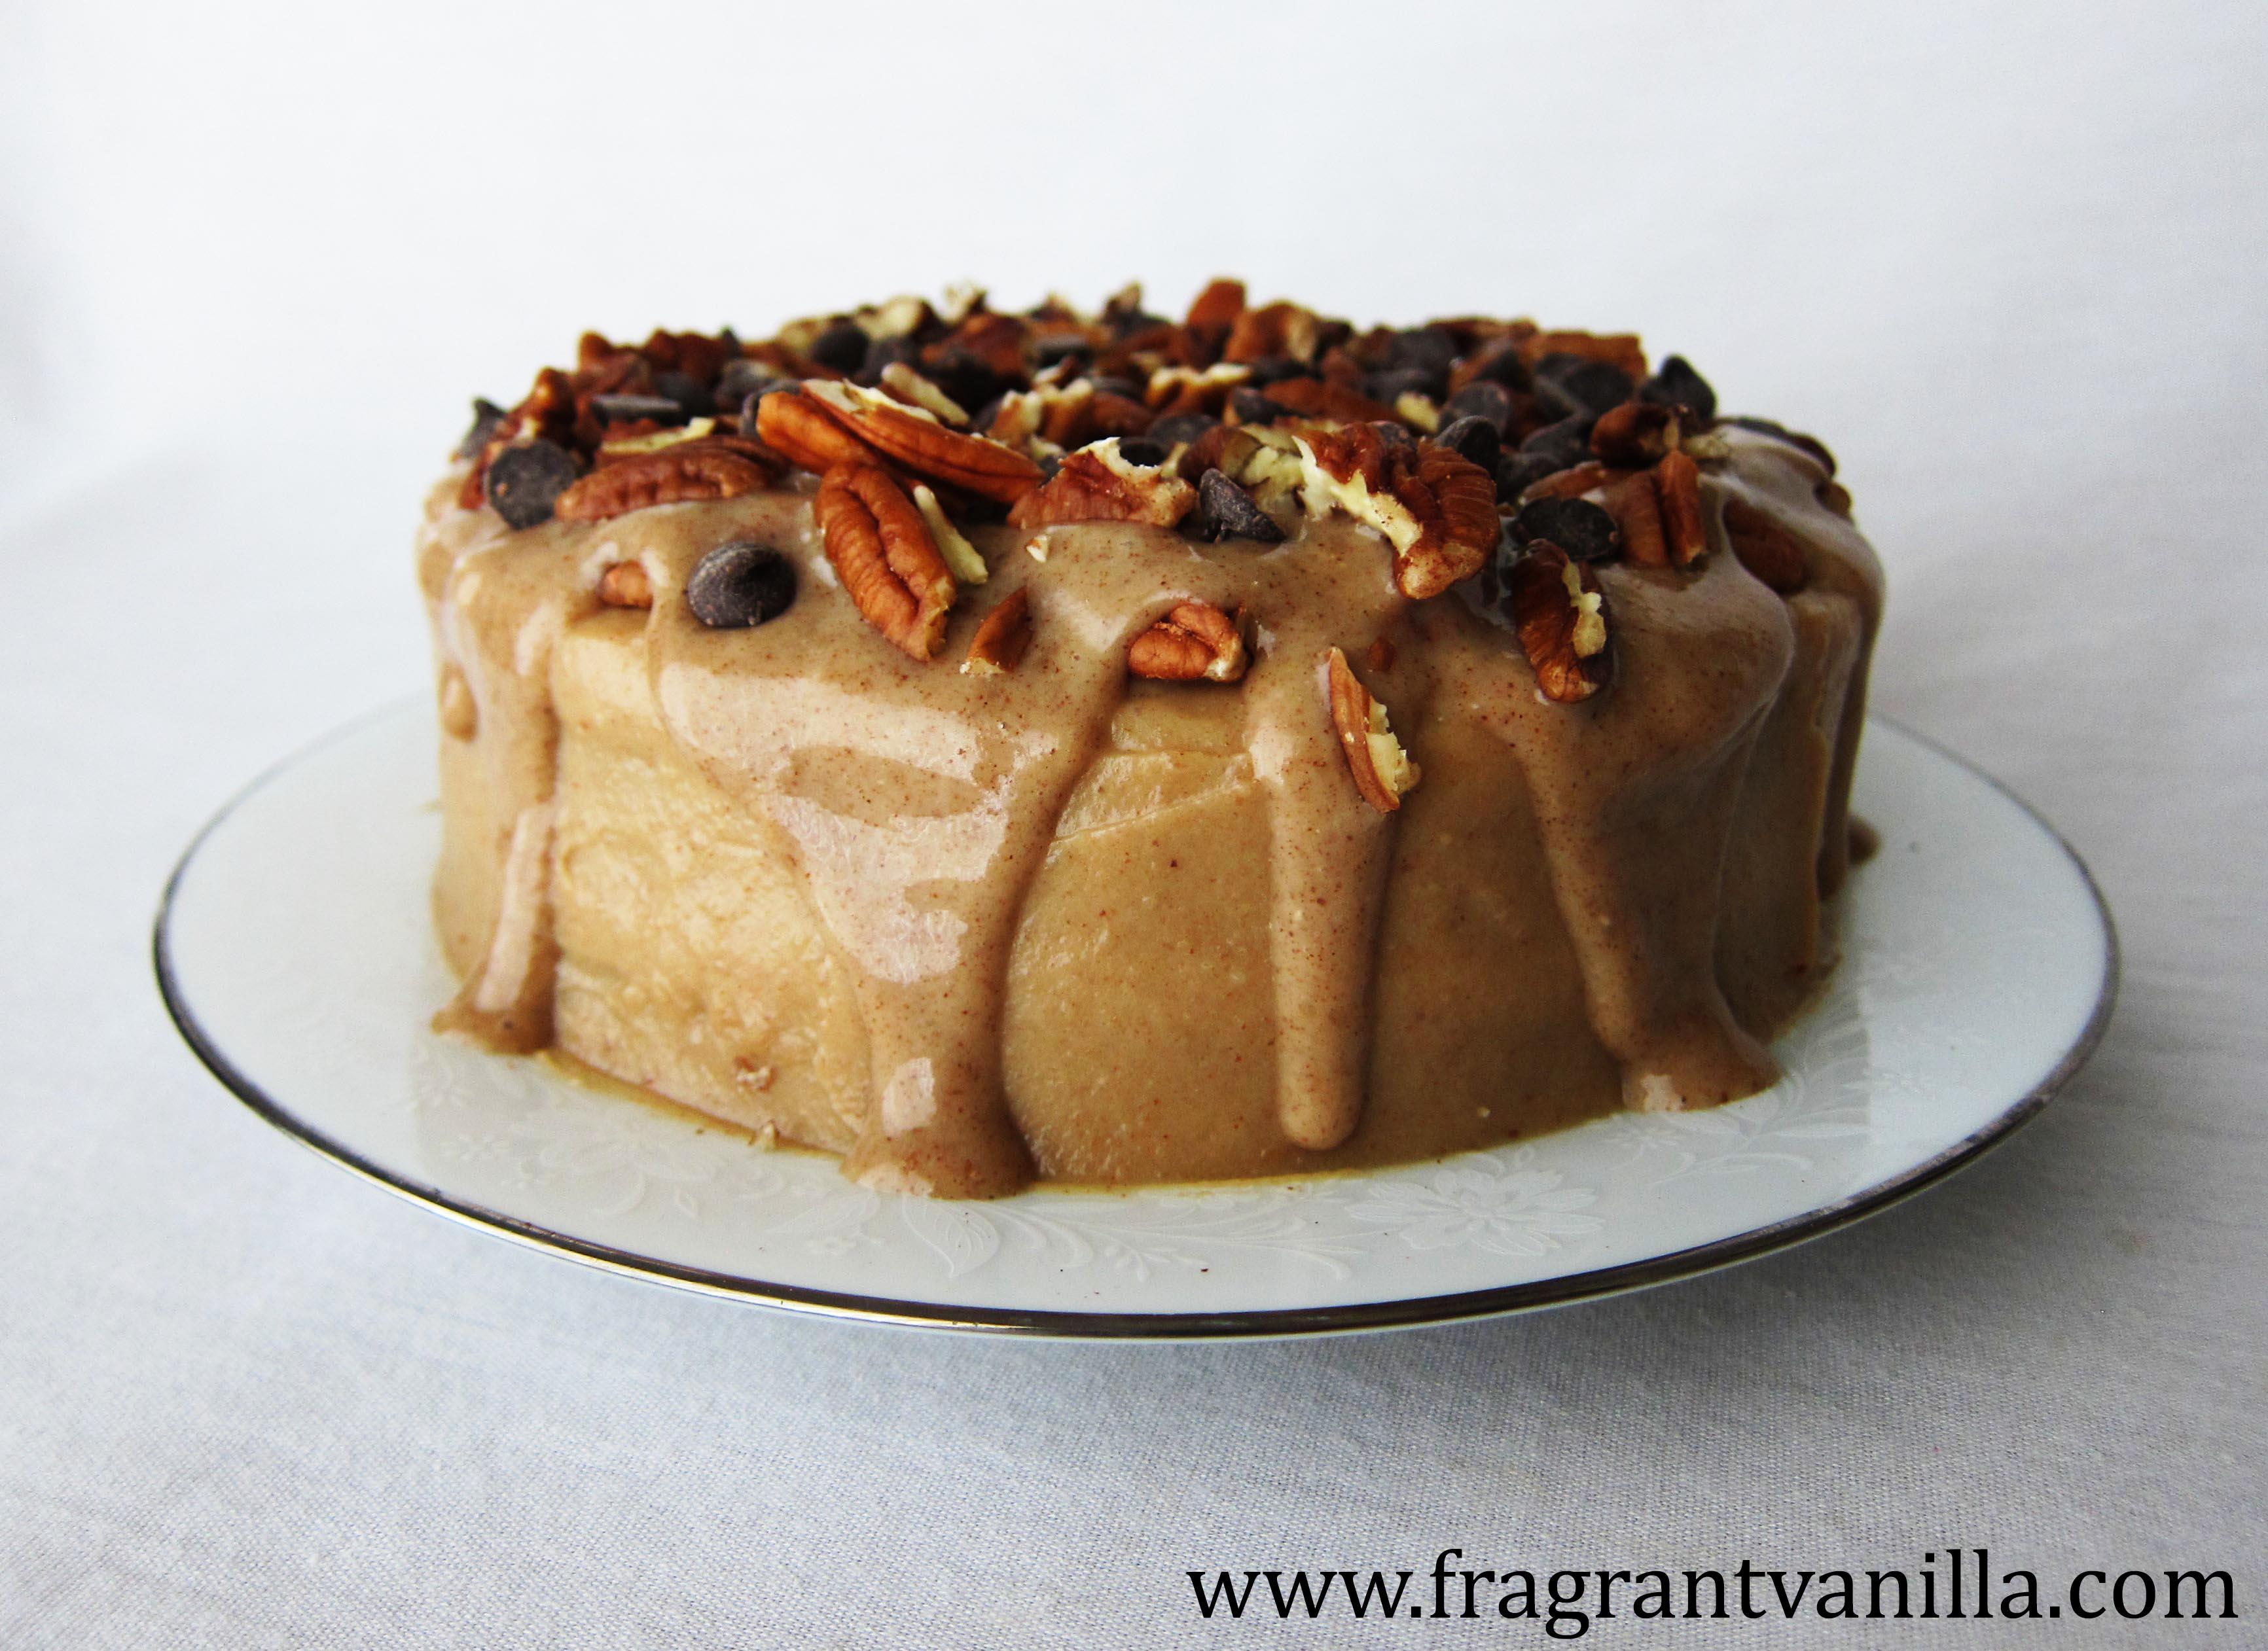 VeganDark Chocolate Bourbon Caramel Pecan Cake